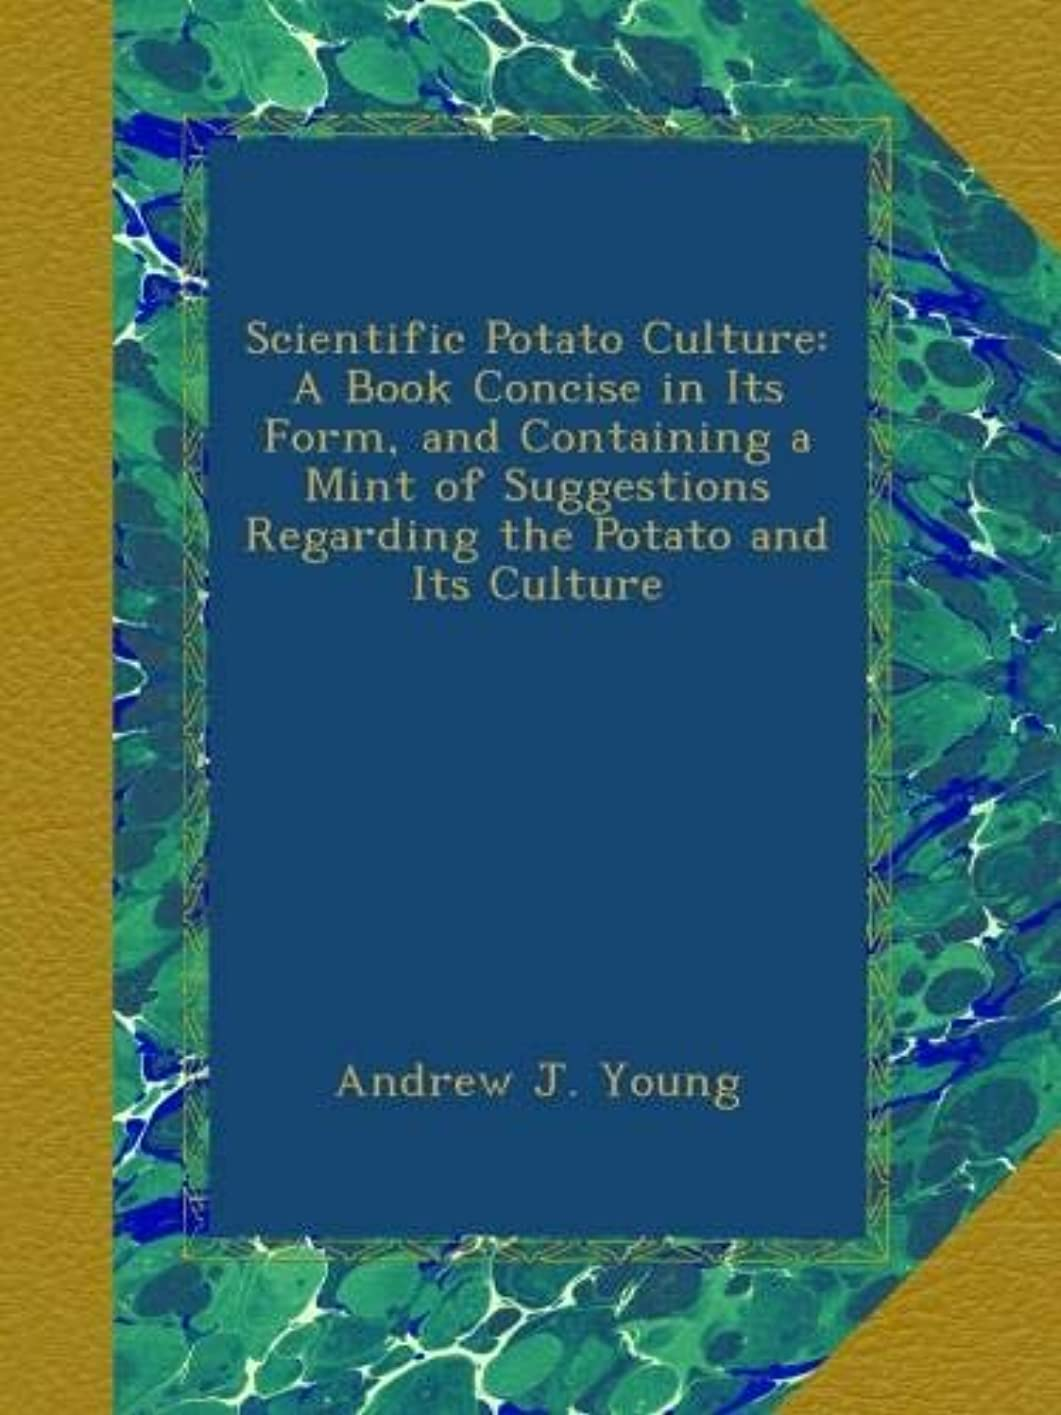 ケント征服する不健全Scientific Potato Culture: A Book Concise in Its Form, and Containing a Mint of Suggestions Regarding the Potato and Its Culture